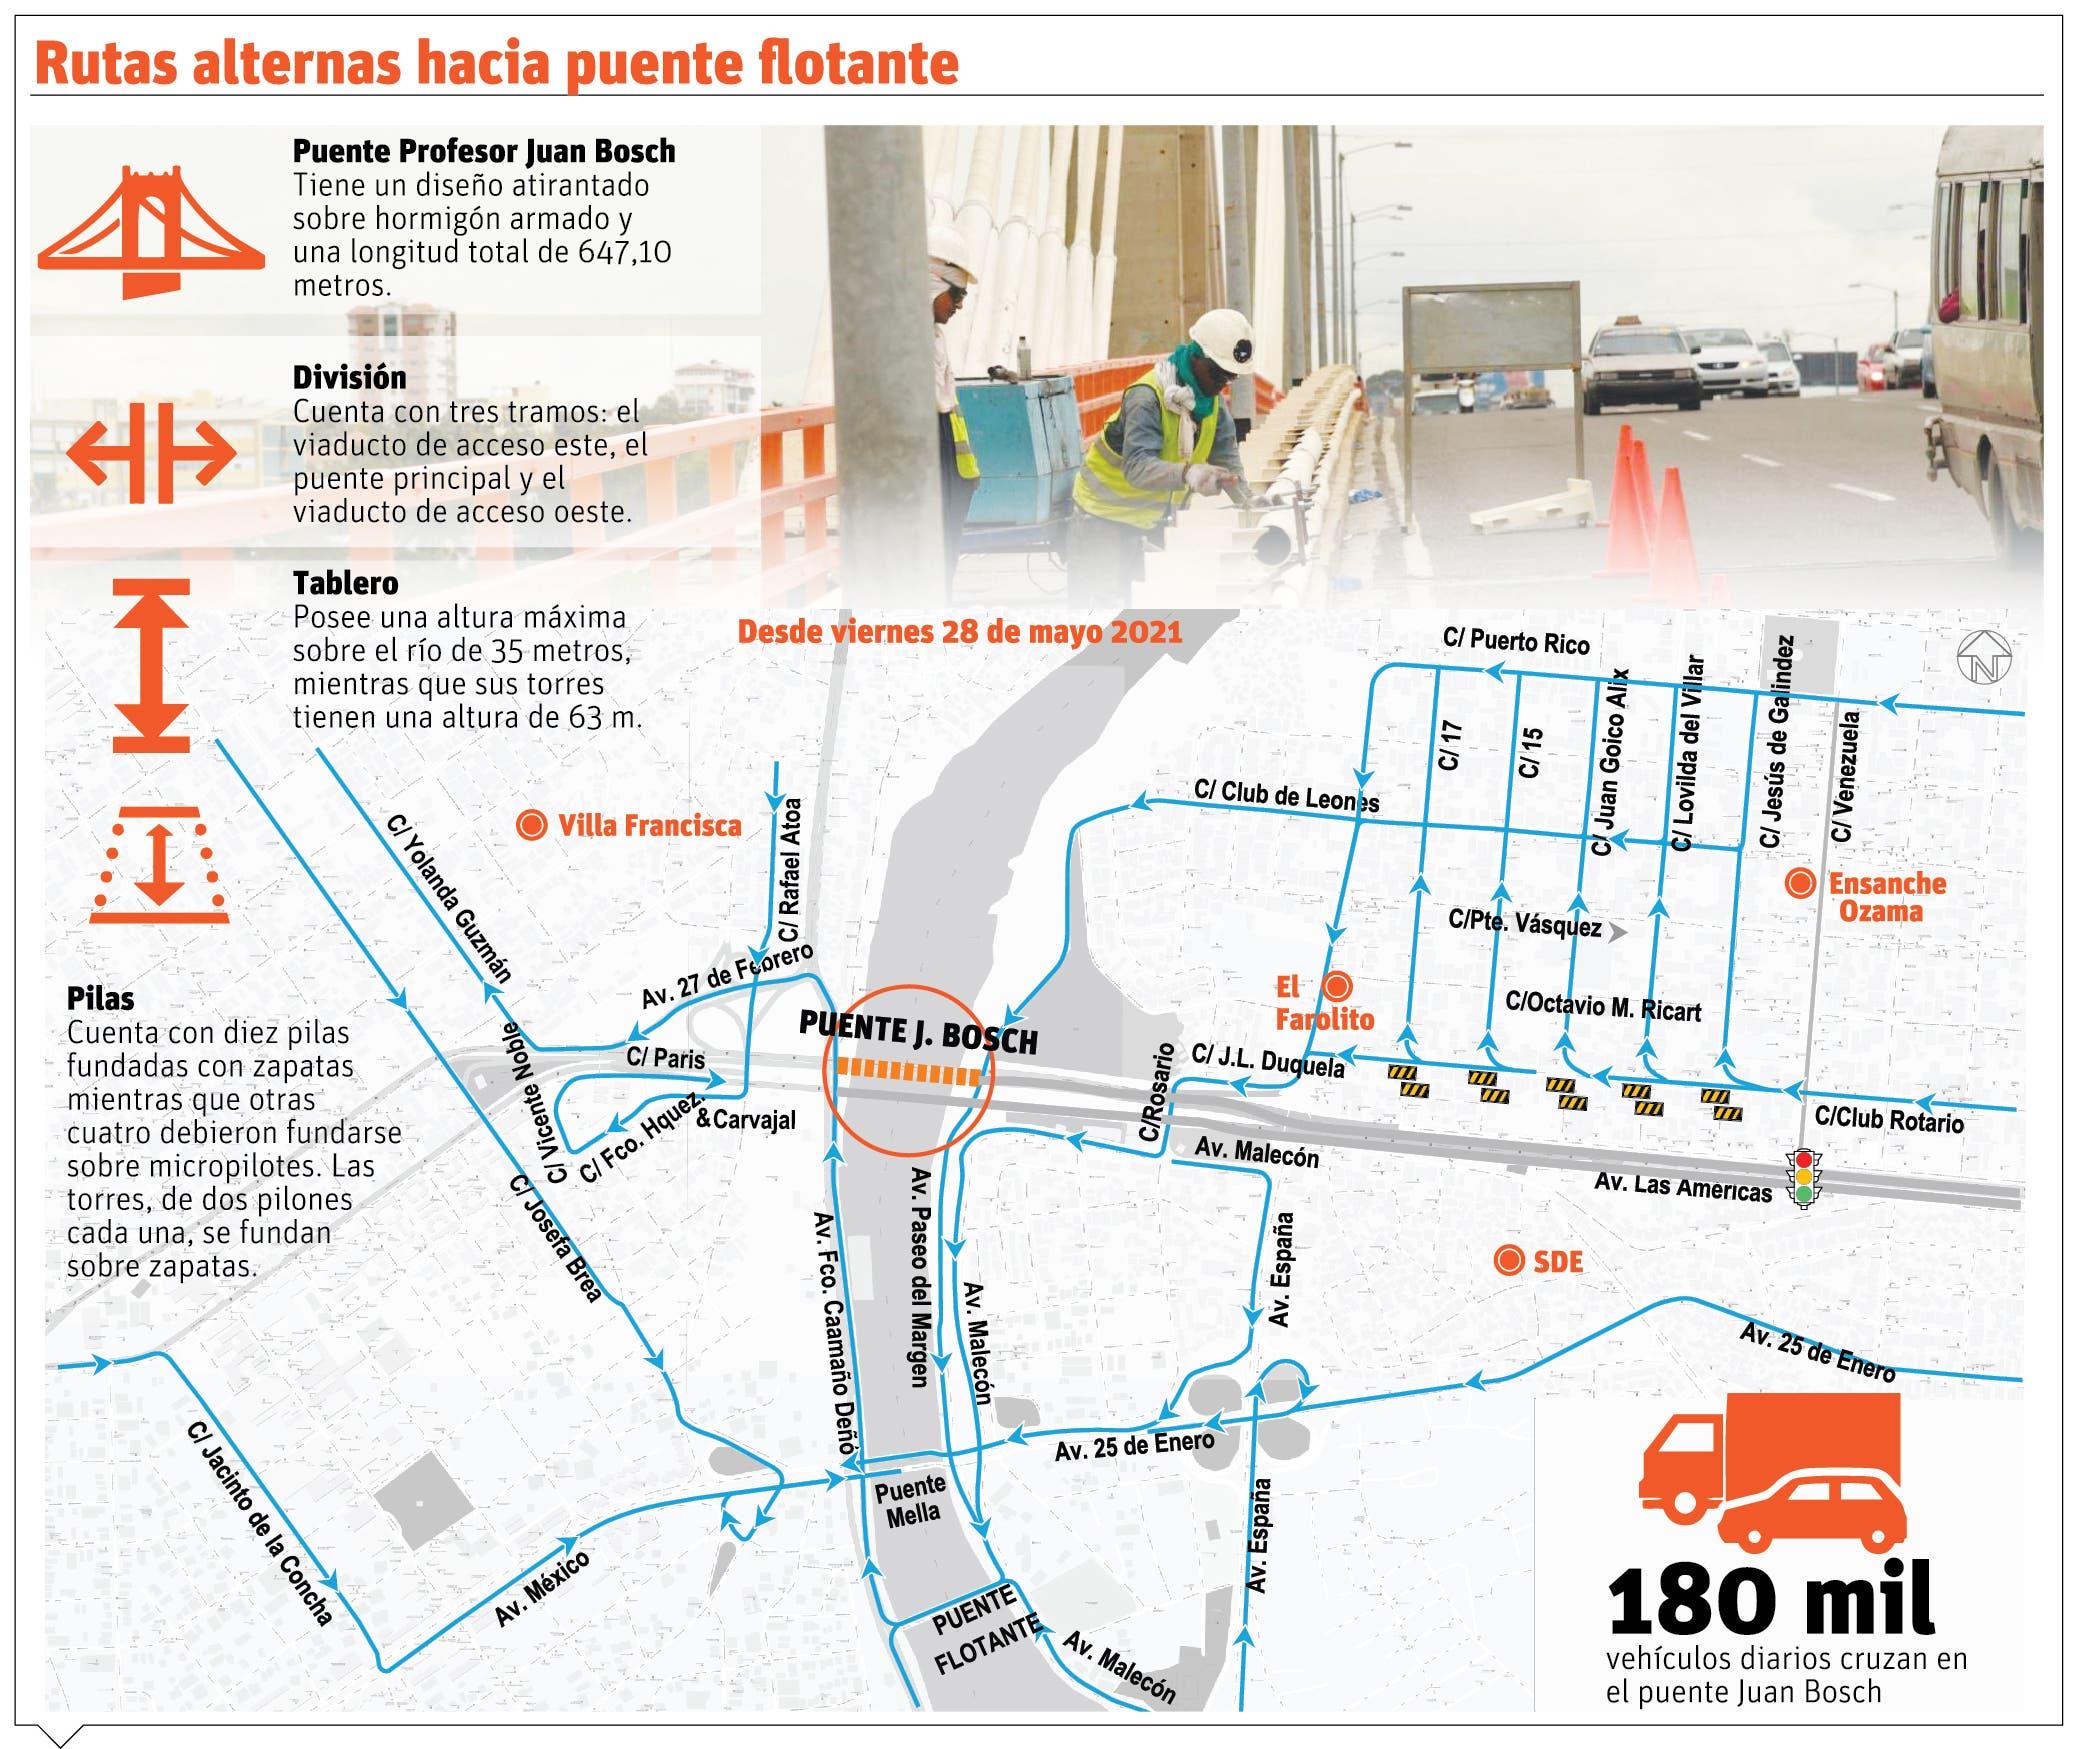 Puente Juan Bosch tendrá una reducción de dos carriles durante 45 días